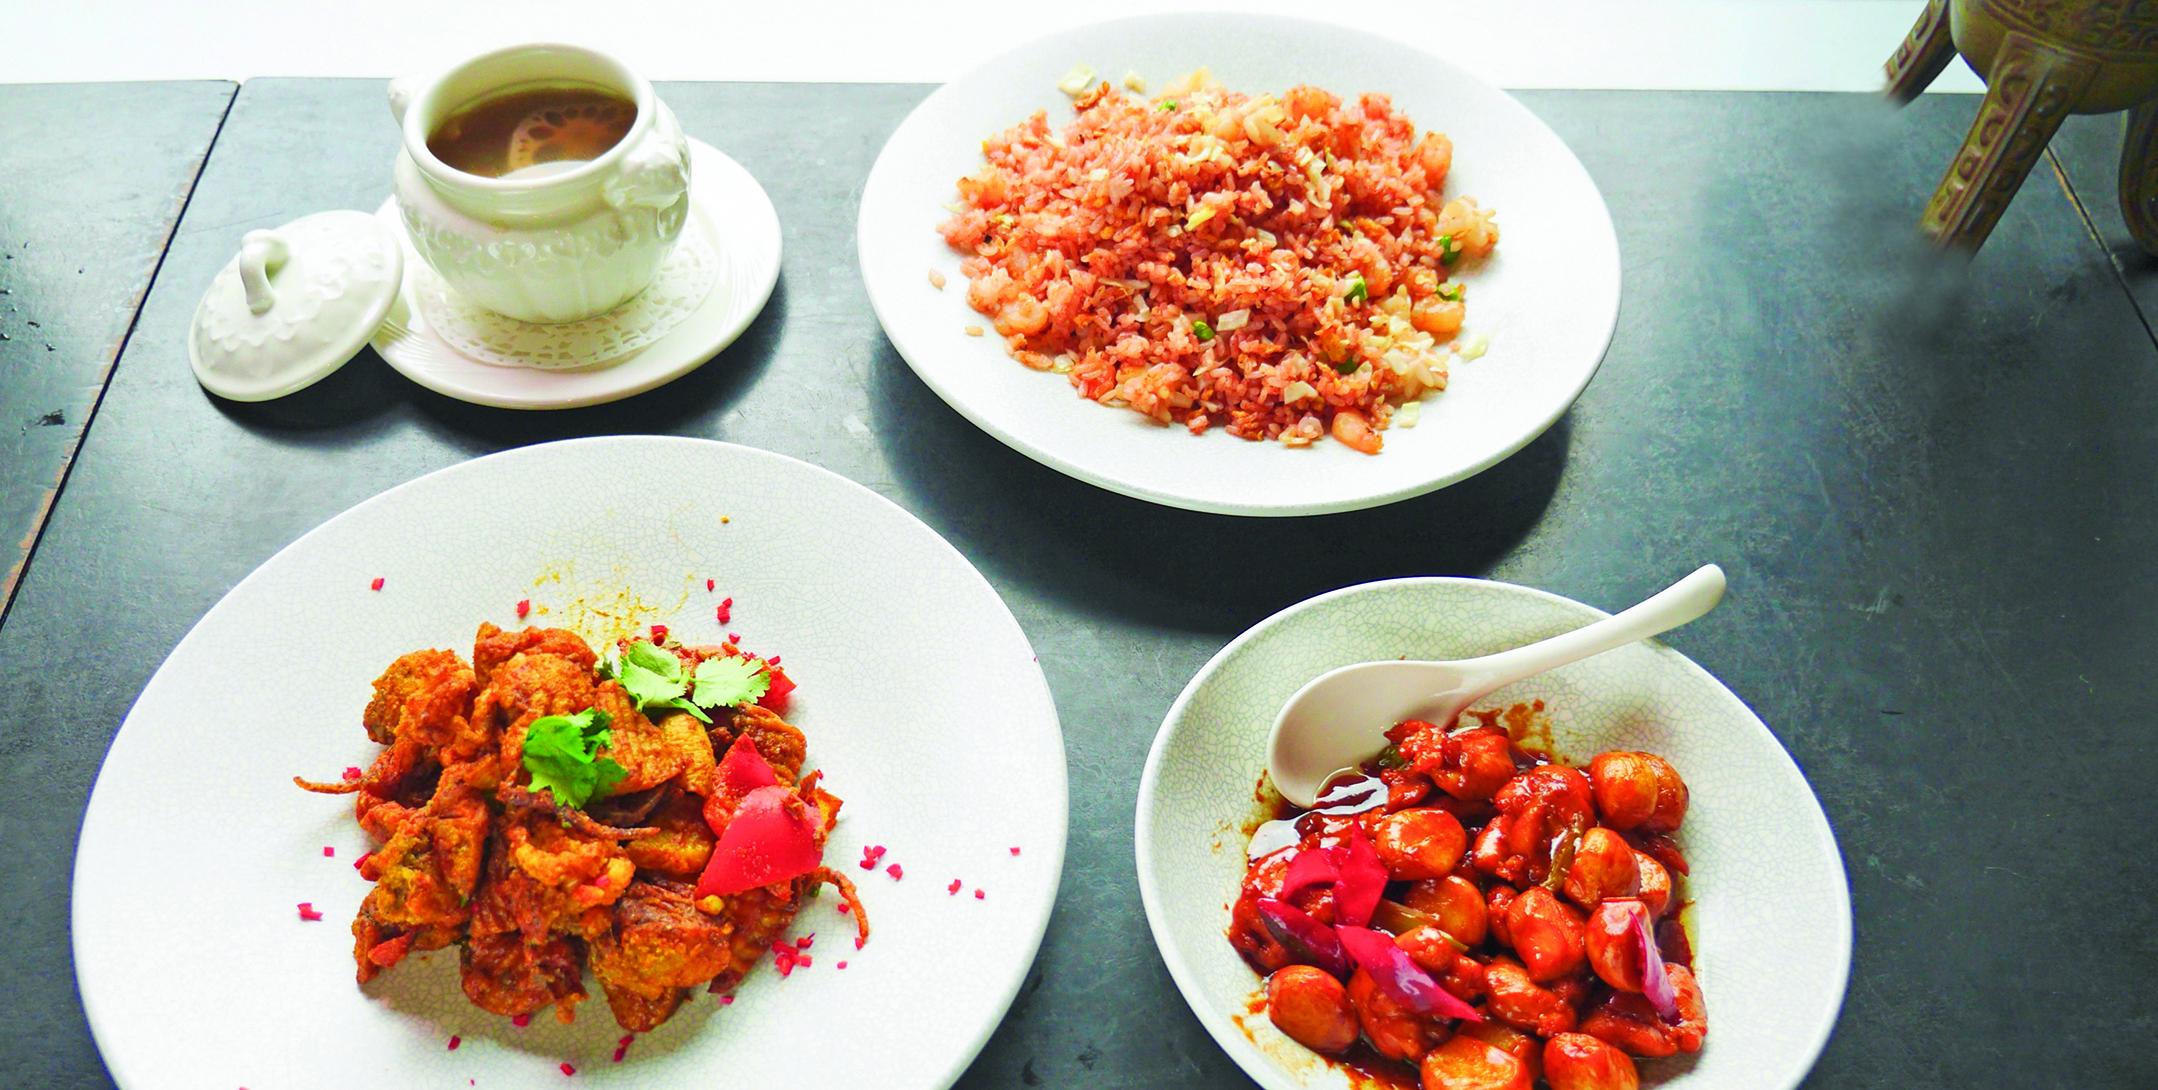 豐盛又營養的三道菜,加上一道清淡的雞湯,讓你在家也能吃得美味健康。